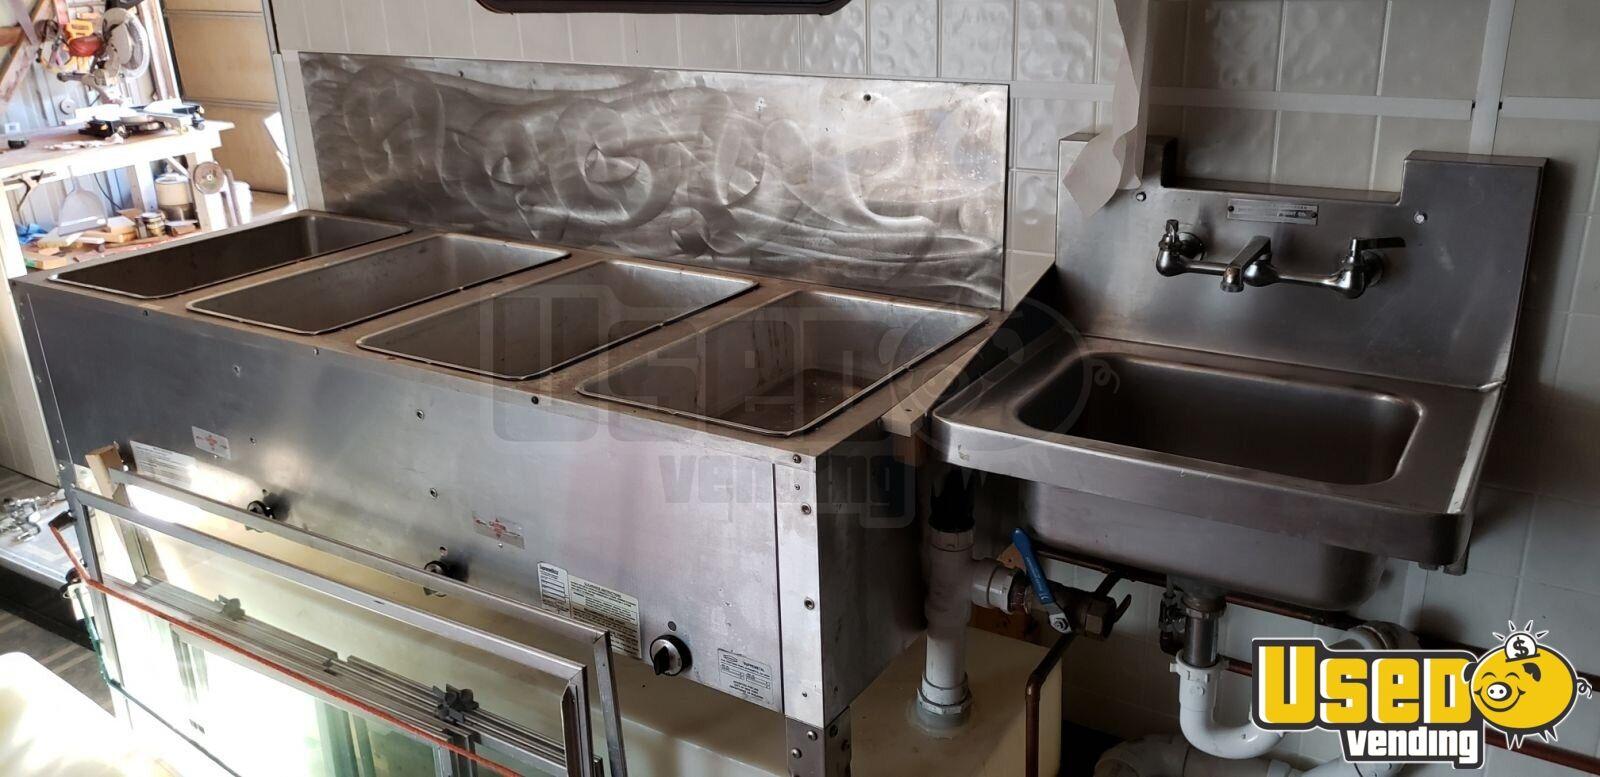 Wells Cargo Mobile Rotisserie Trailer  Rotisserie Kitchen